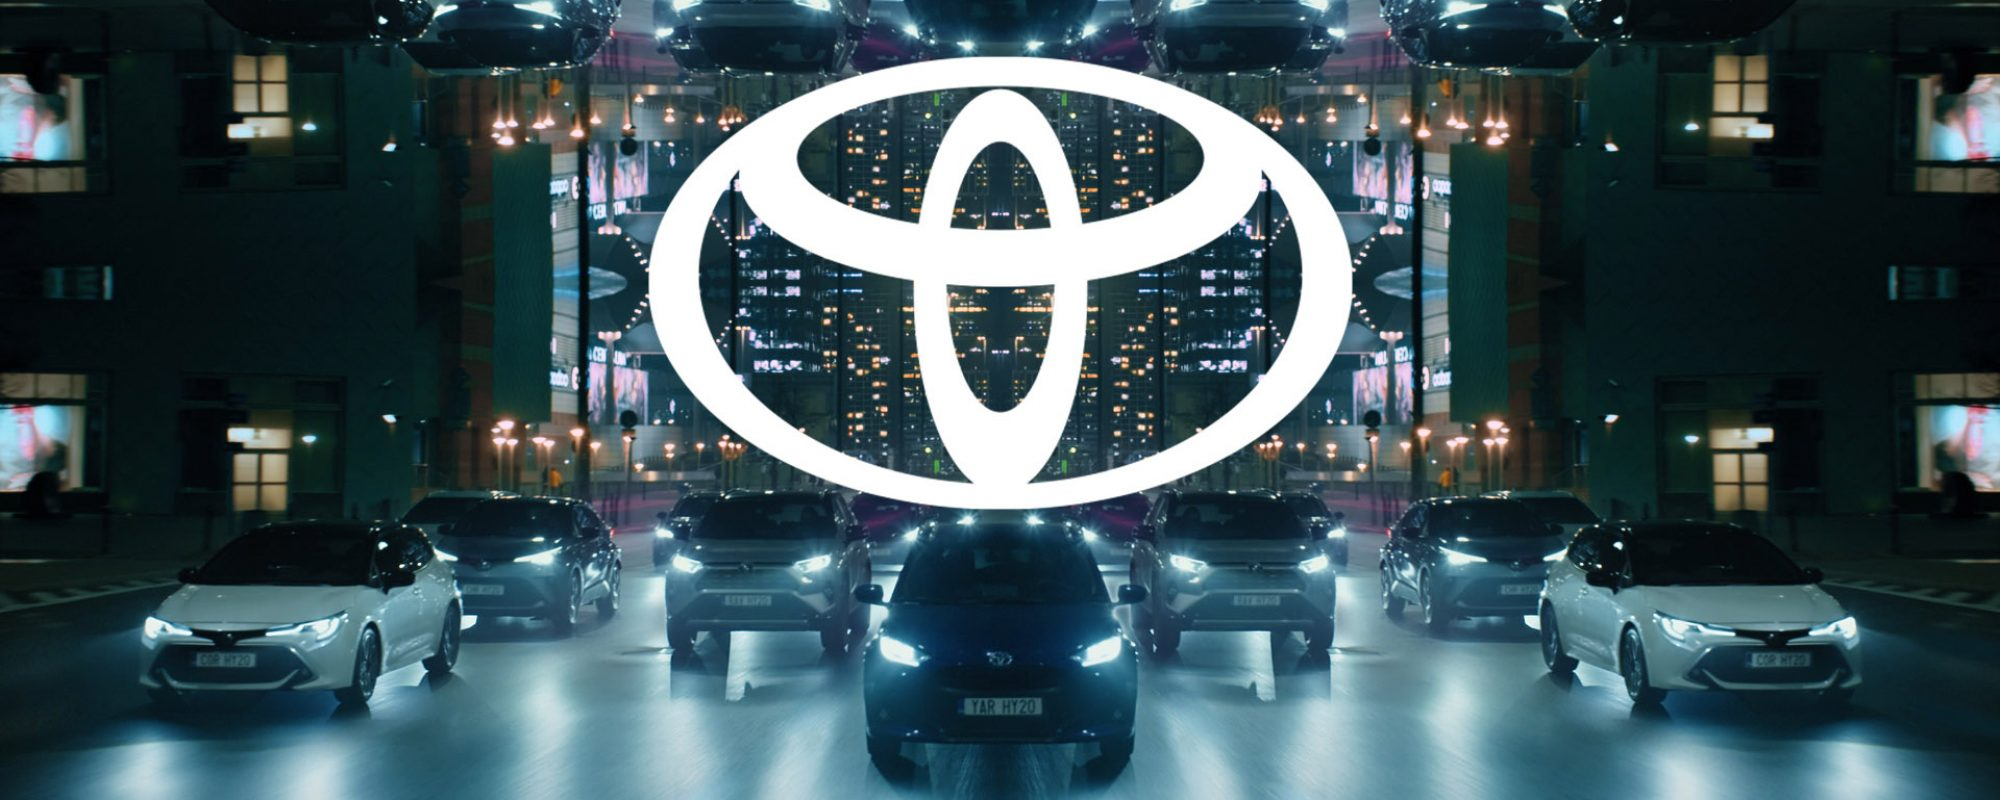 Toyota presenteert nieuwe merkidentiteit voor Europa